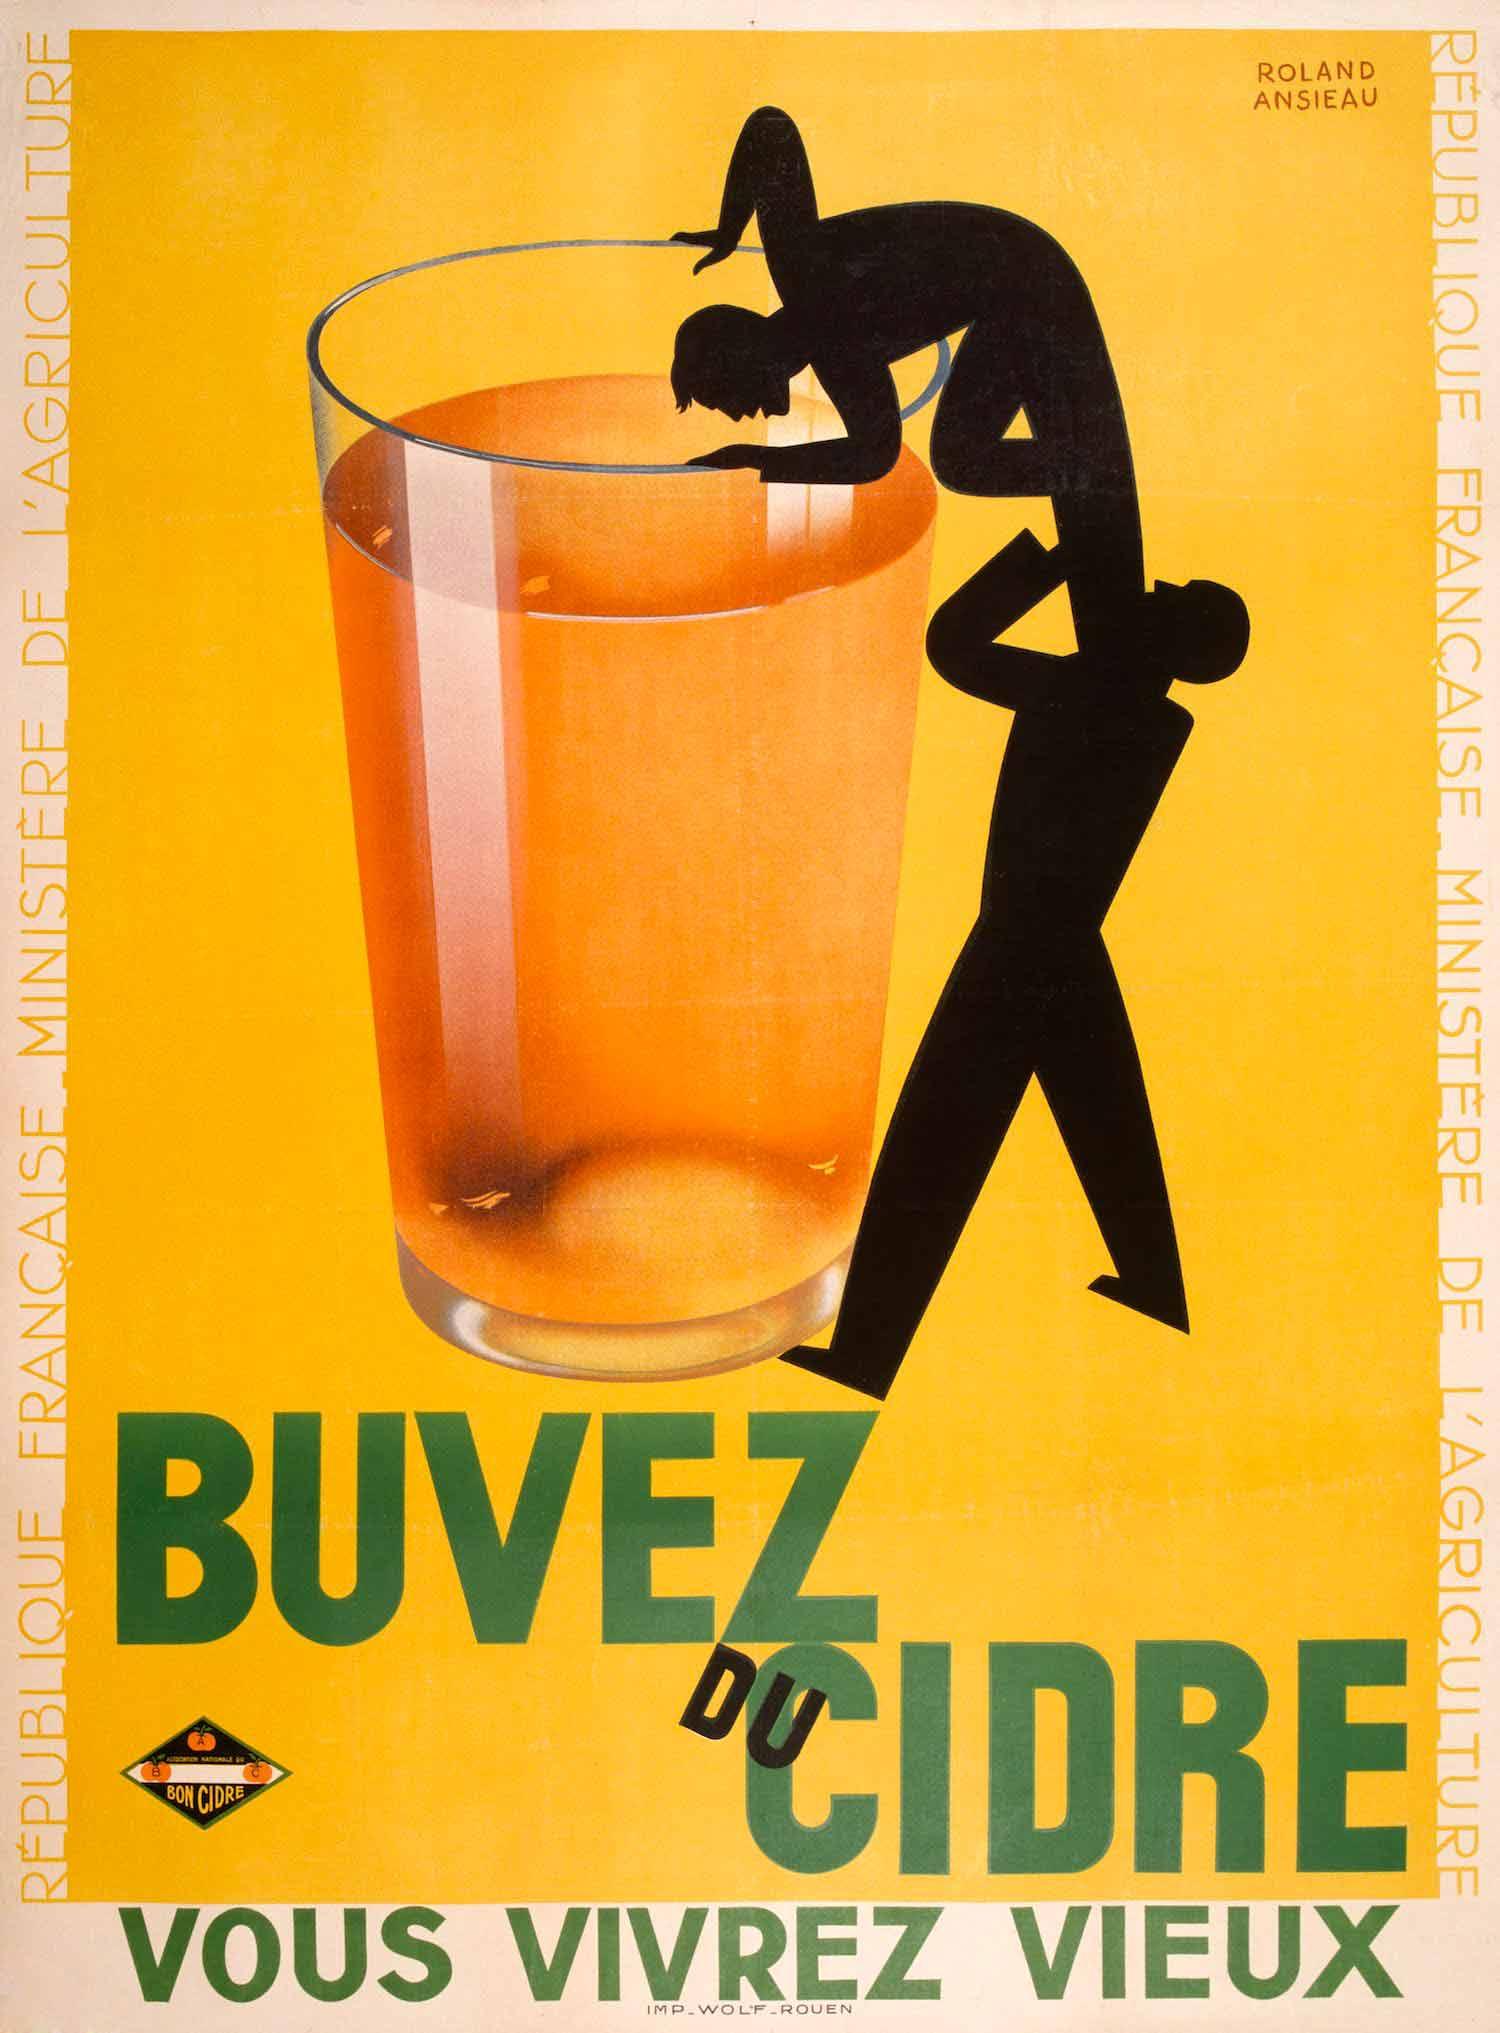 Affiche publicitaire : Buvez du cidre